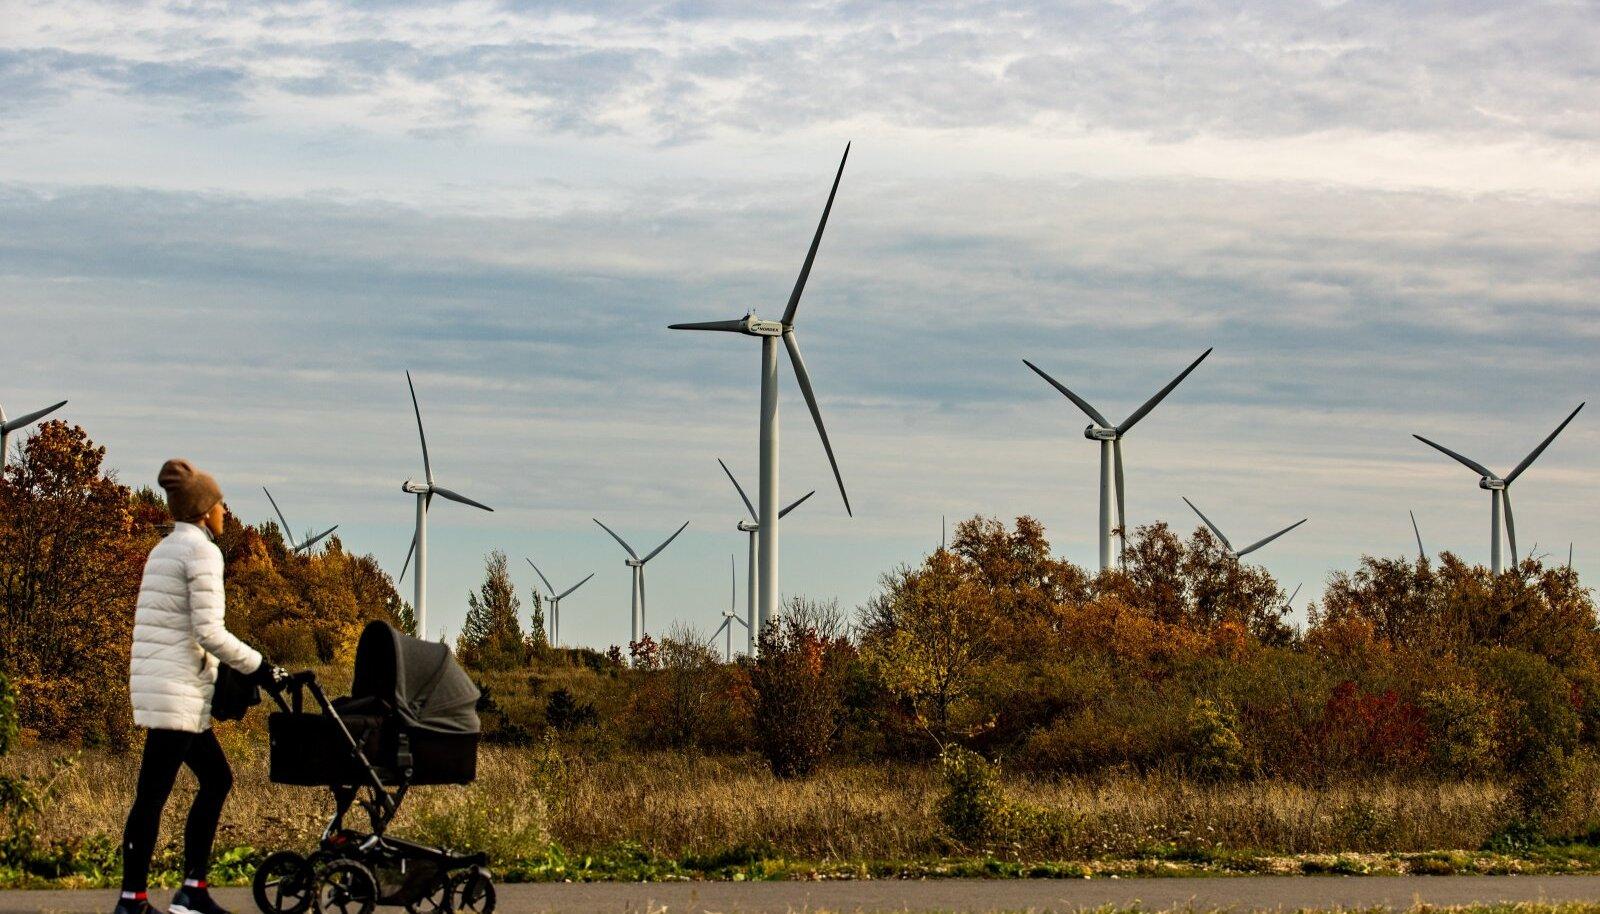 Riik panustab ennekõike tuuleenergiale, milles soovitakse saavutada neljakordset kasvu. Lühemas perspektiivis keskendutakse maismaa tuuleparkidele, pikemas meretuuleparkidele.